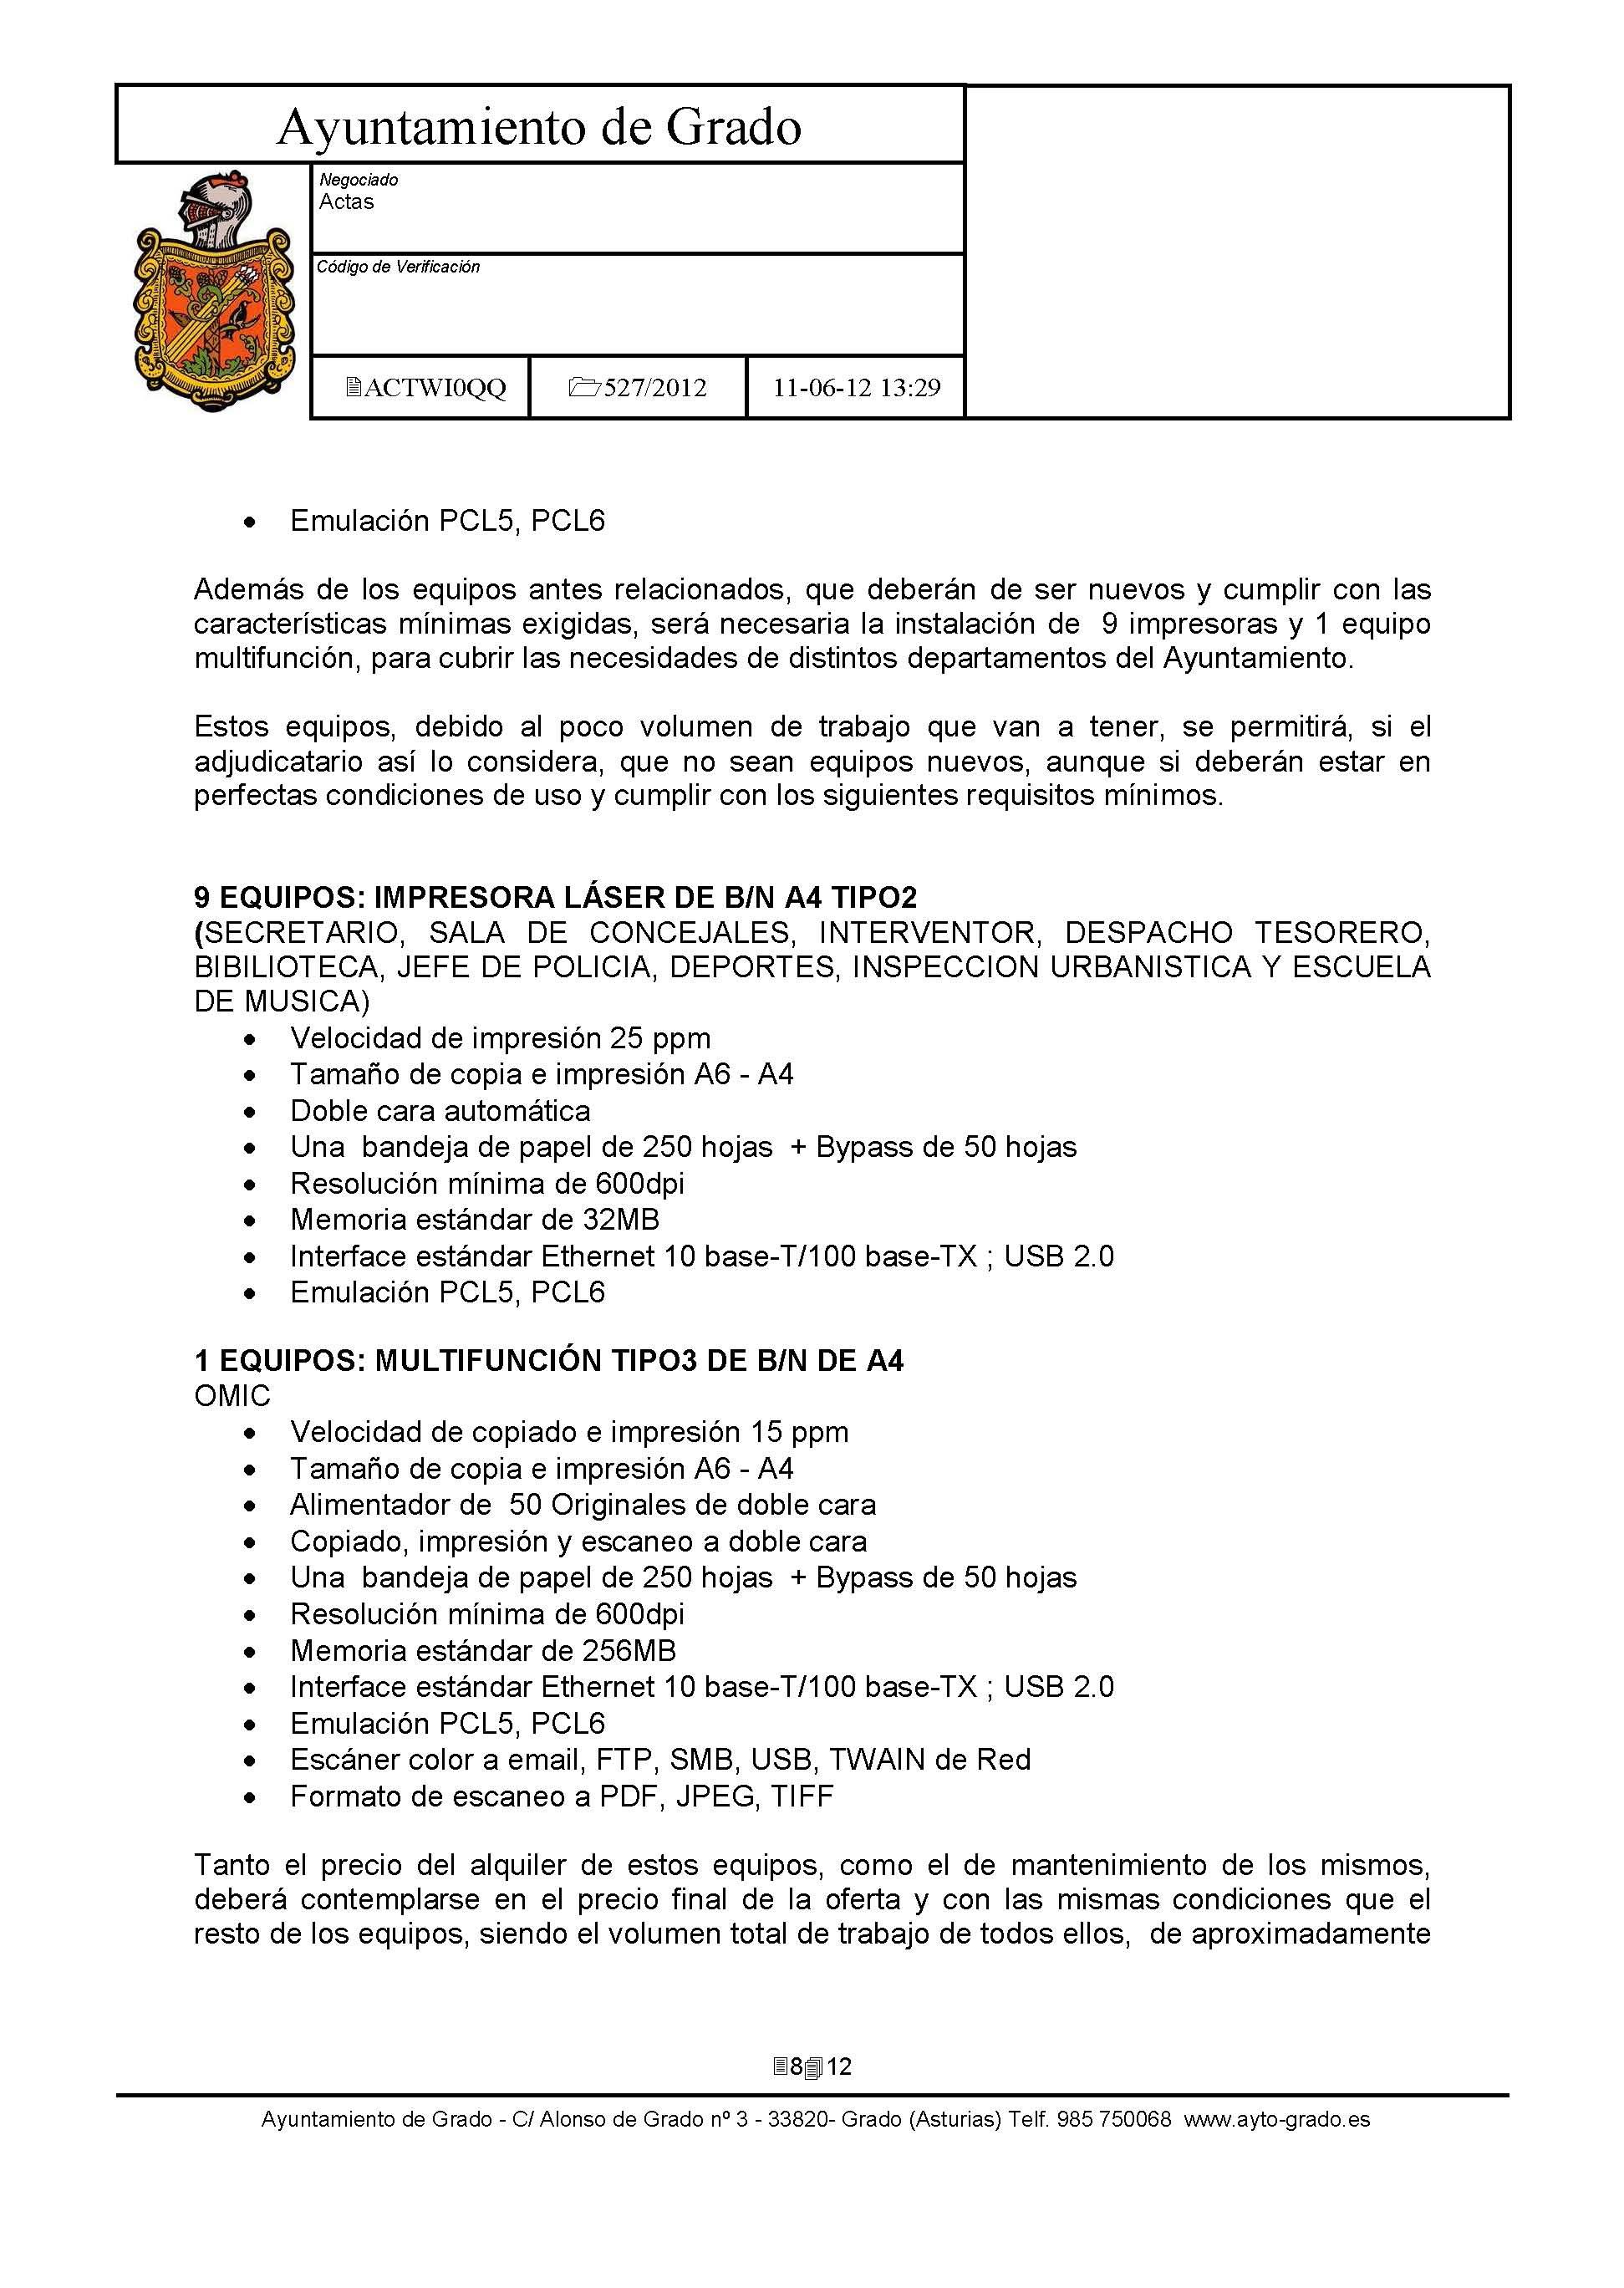 Fin Suministros - Ayuntamiento de Grado